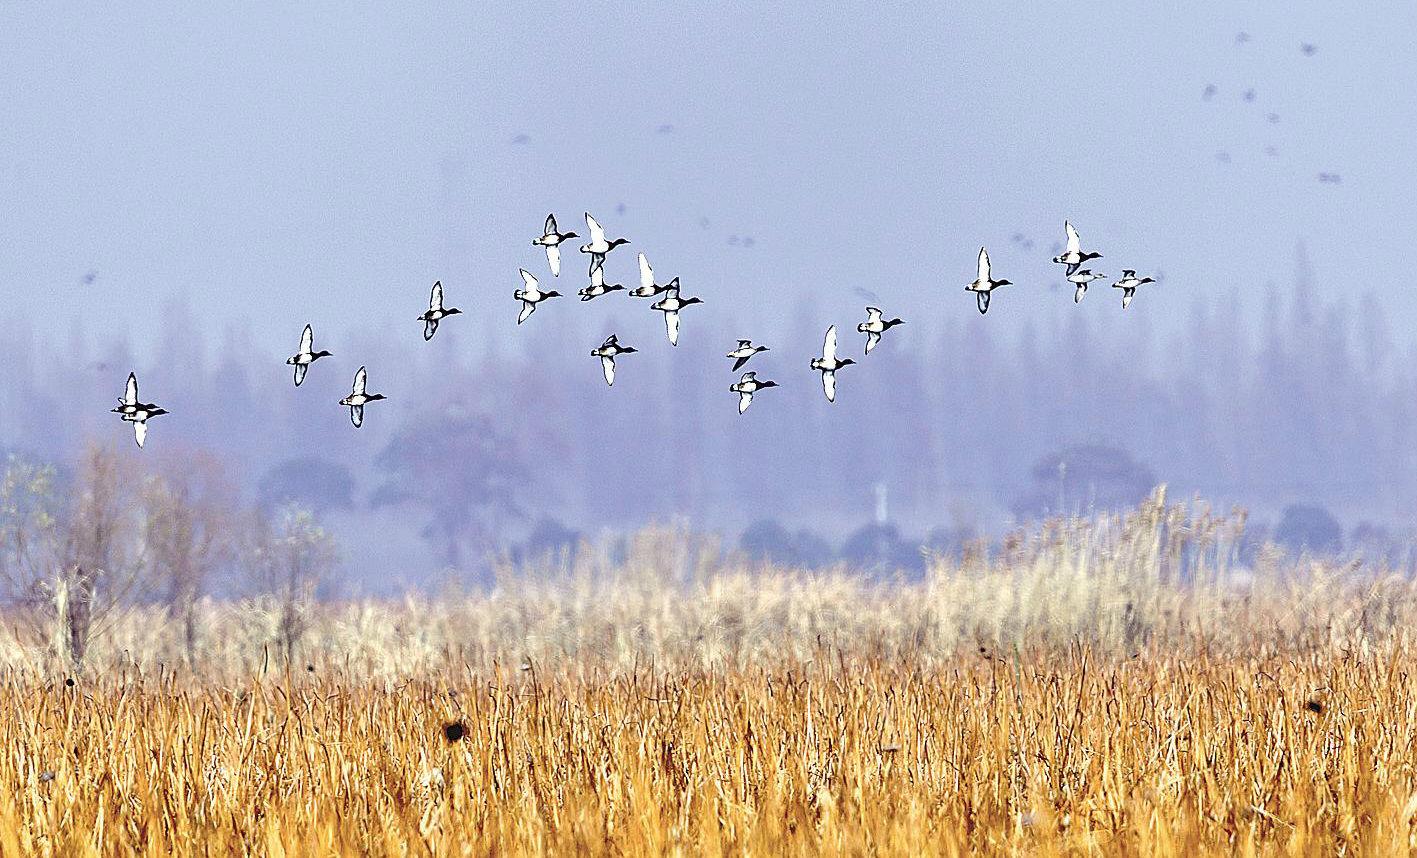 每年逾百萬只越冬水鳥翩然來鄂